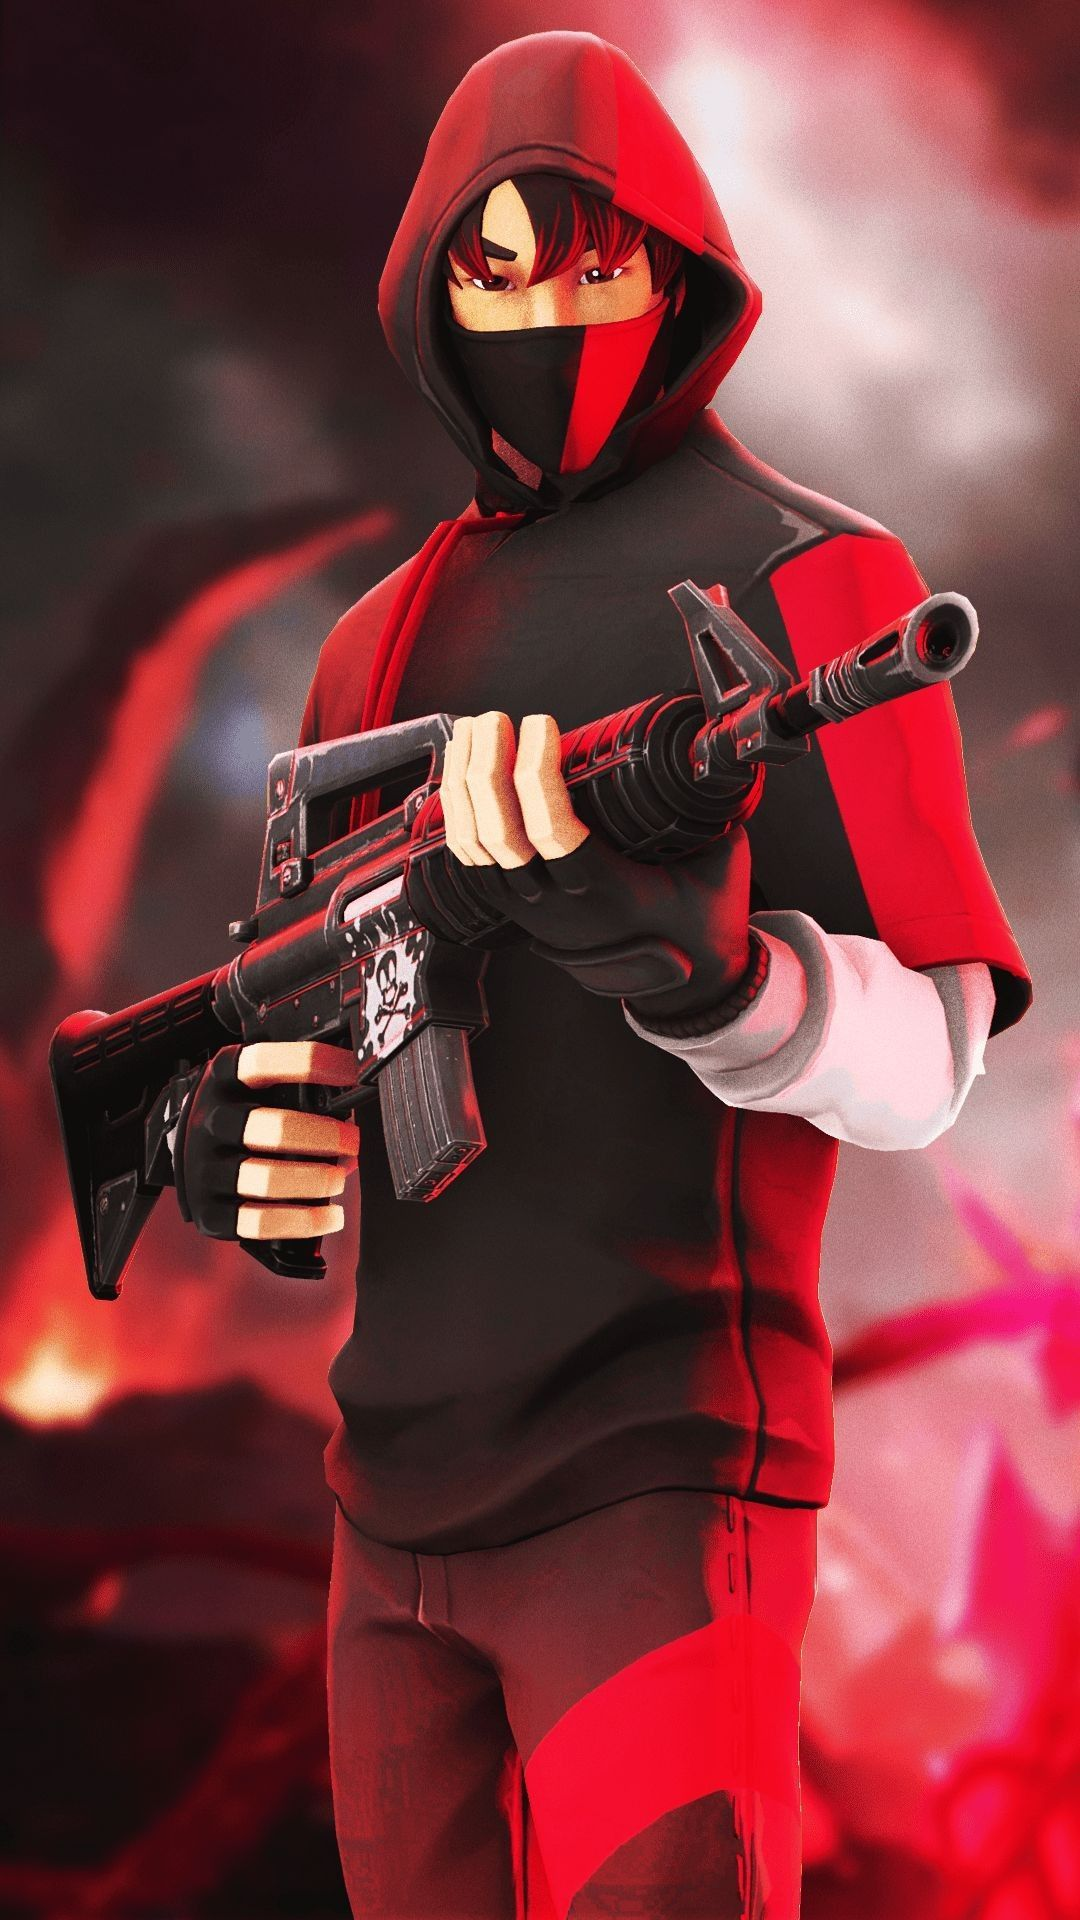 Miniatura Fortnite Ikonik Skin 3d in 2020 Gaming